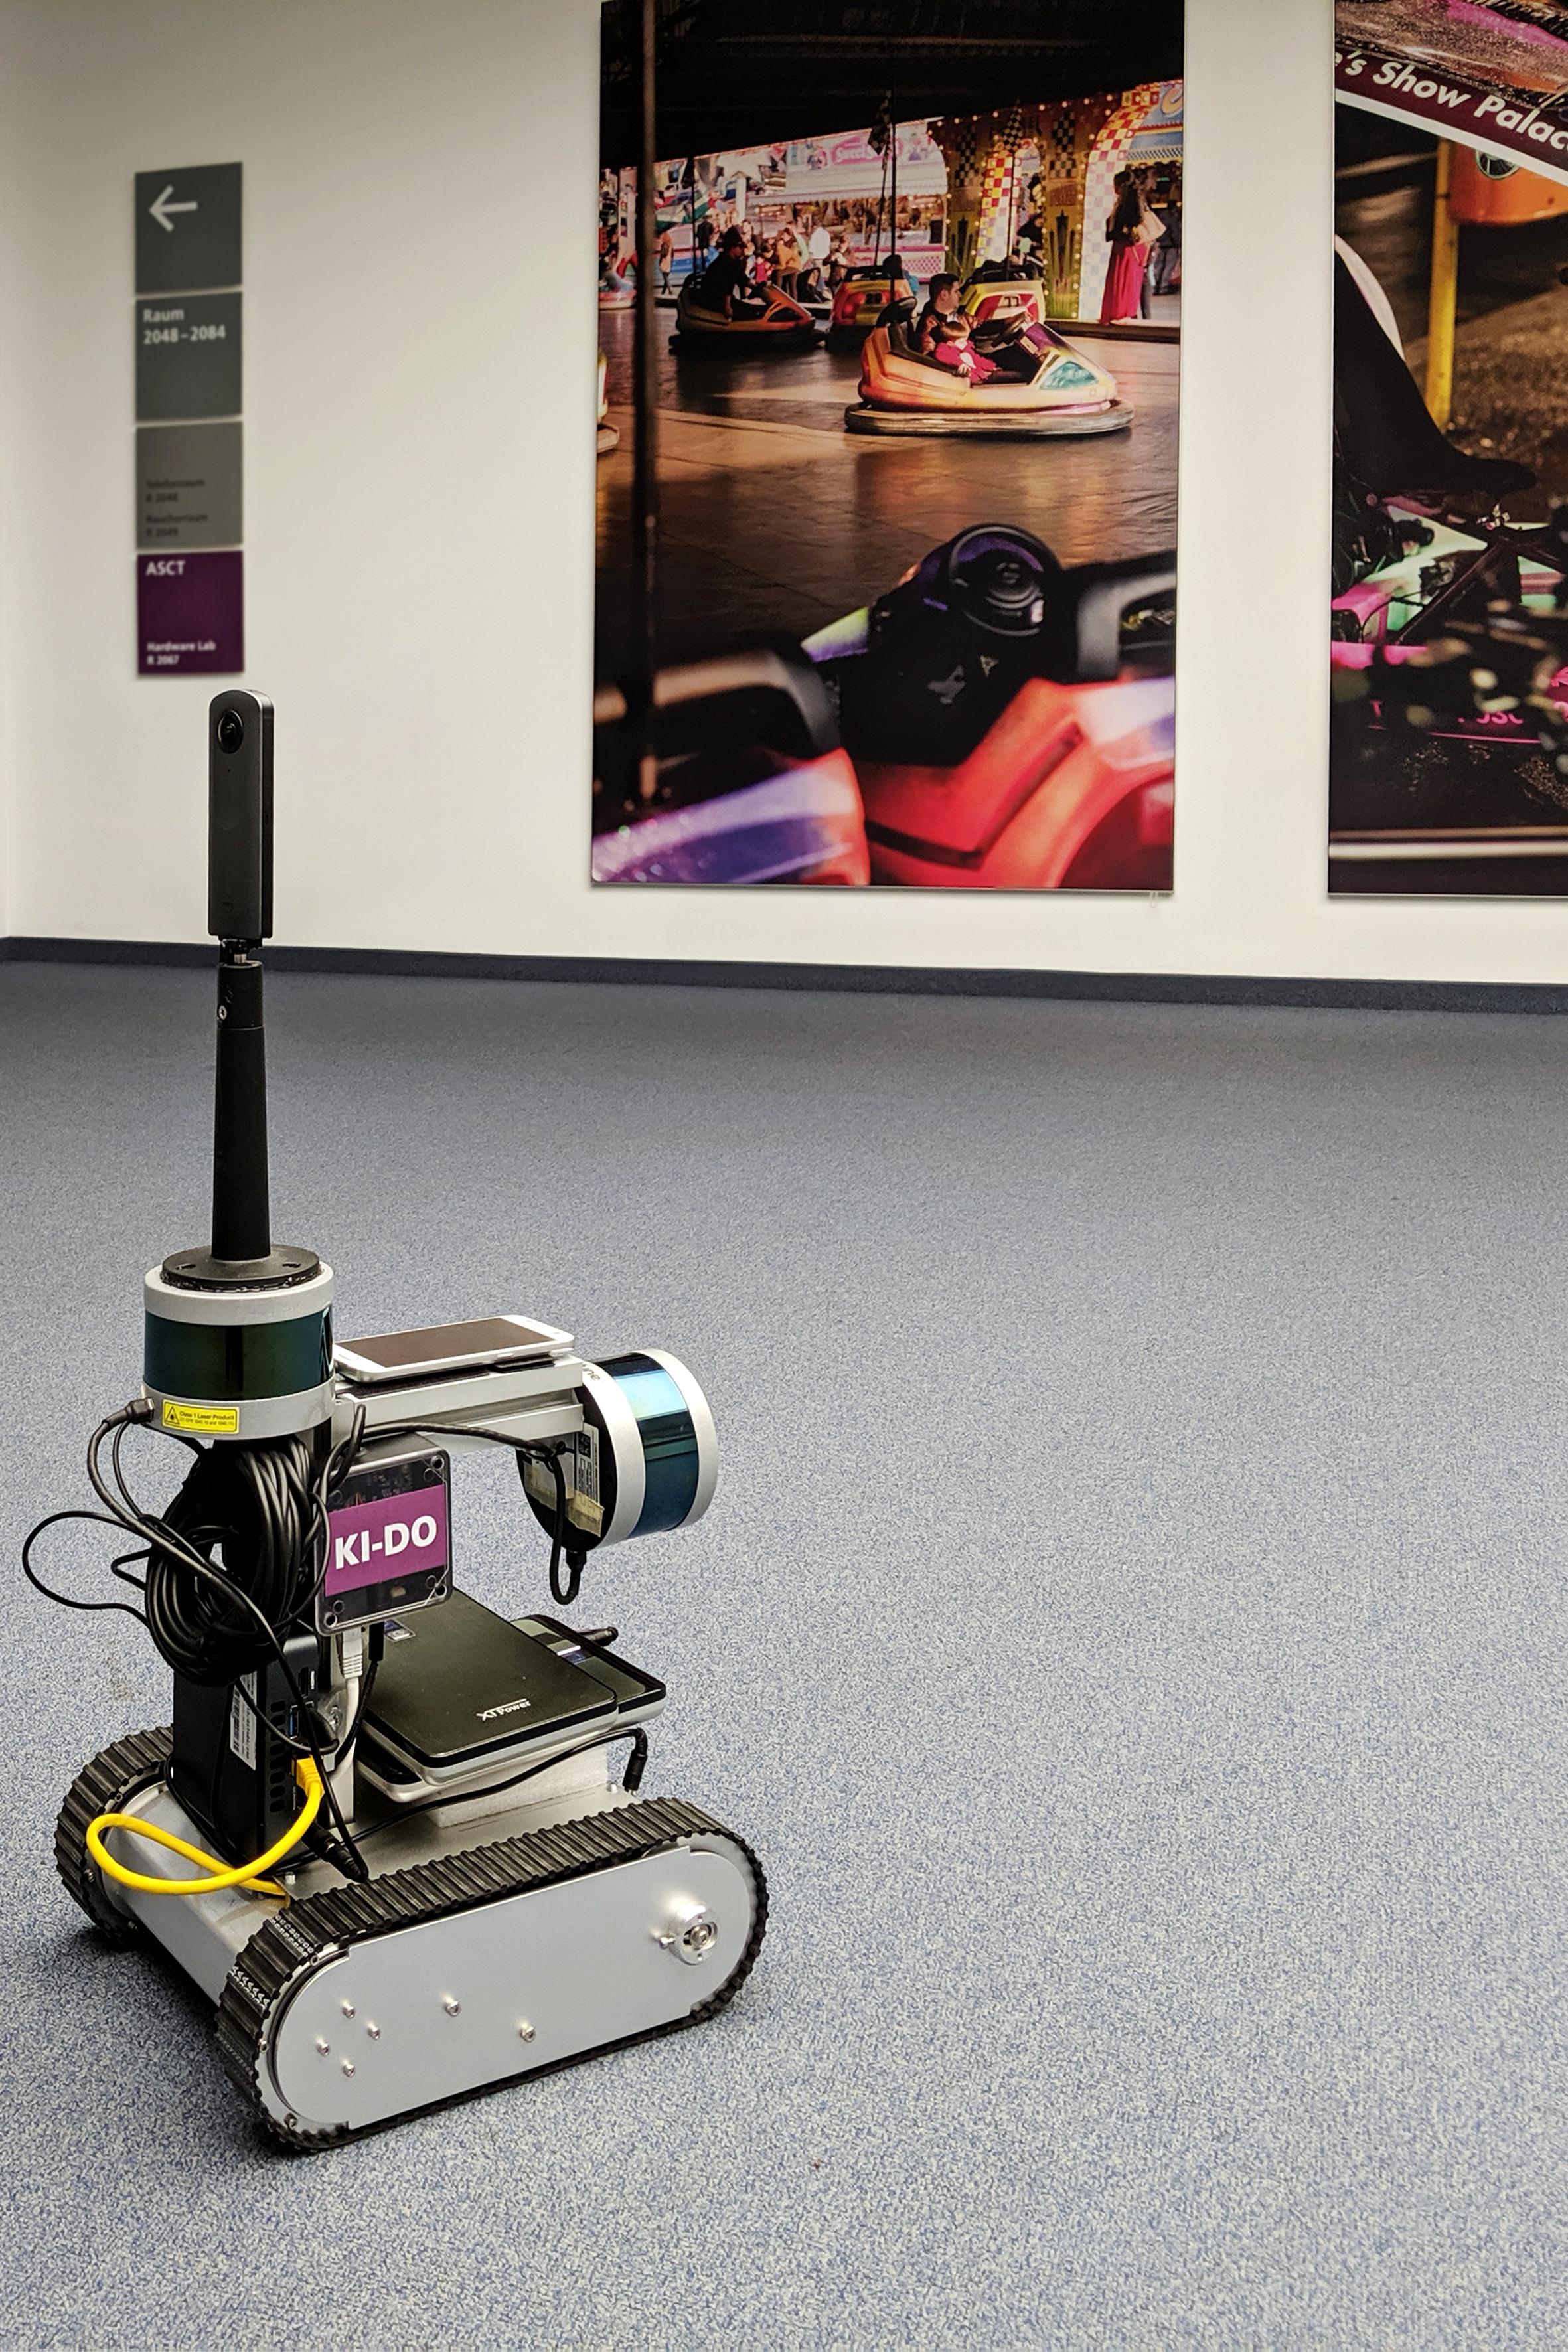 Der Indoor-Roboter speichert und überträgt die von ihm aufgezeichneten Daten zu den Gegebenheiten …